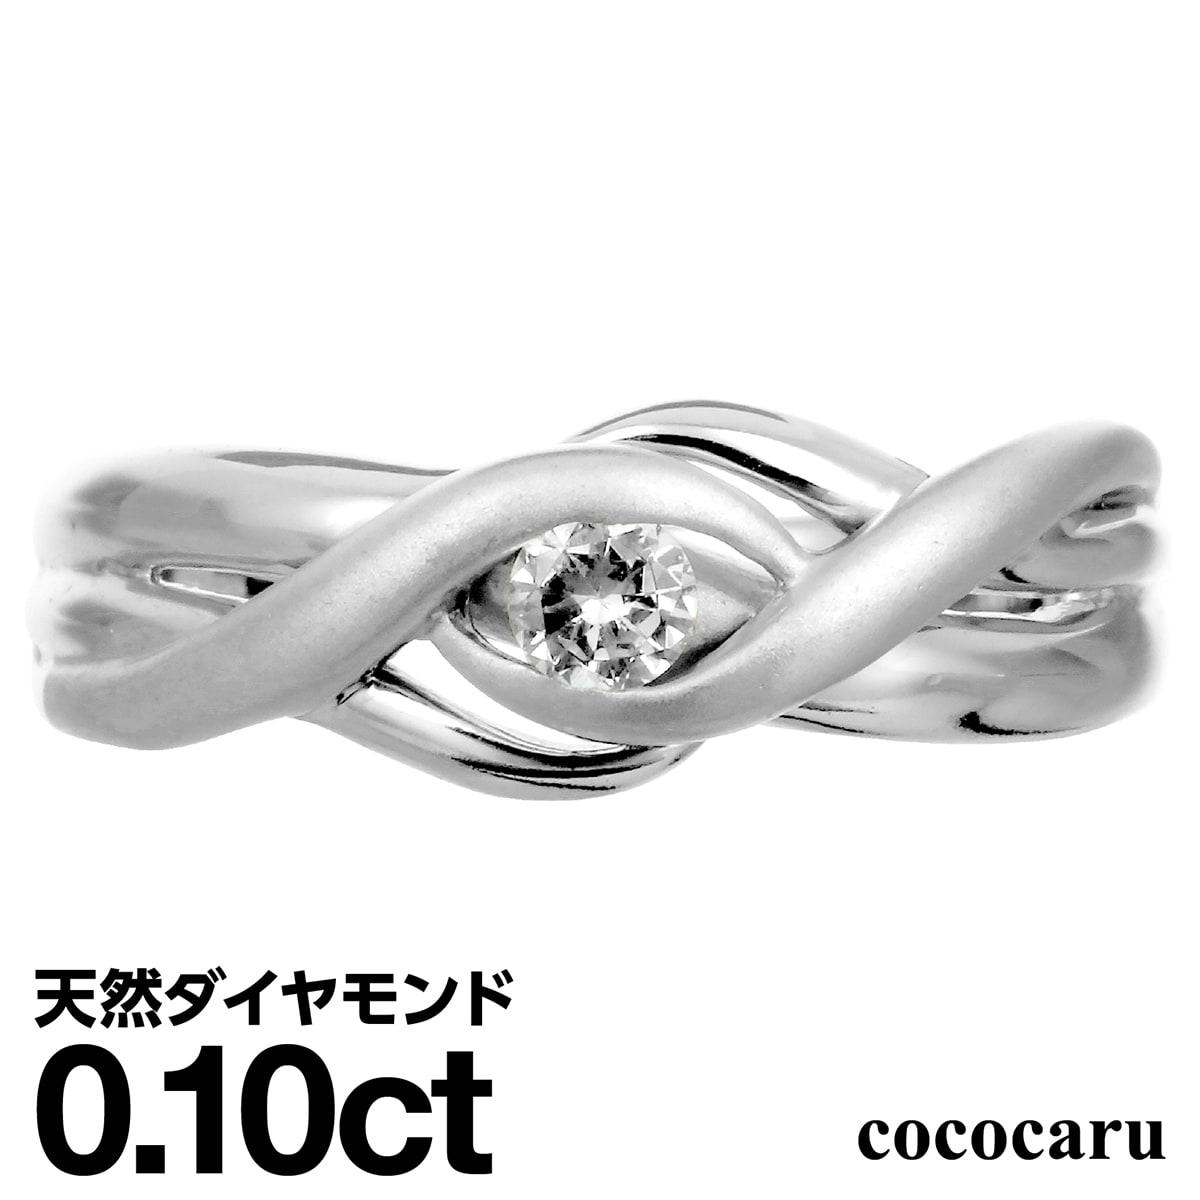 一粒 ダイヤモンド リング シルバー925 シルバーリング ファッションリング 品質保証書 金属アレルギー 日本製 誕生日 ギフト